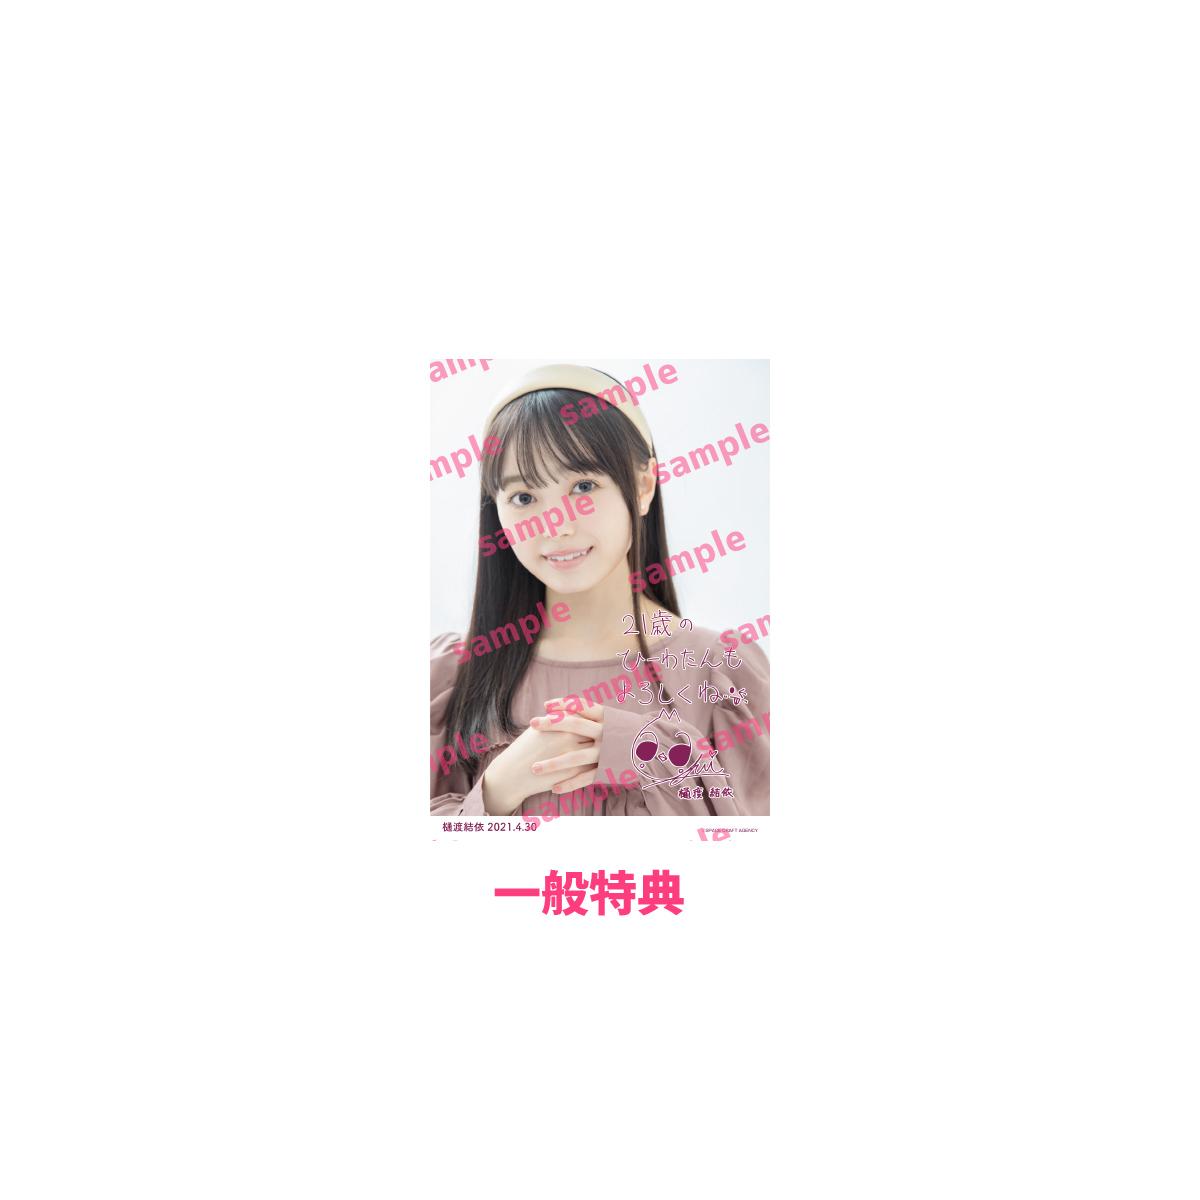 【会員限定】生誕Tシャツ(21歳ver.) ライトパープル